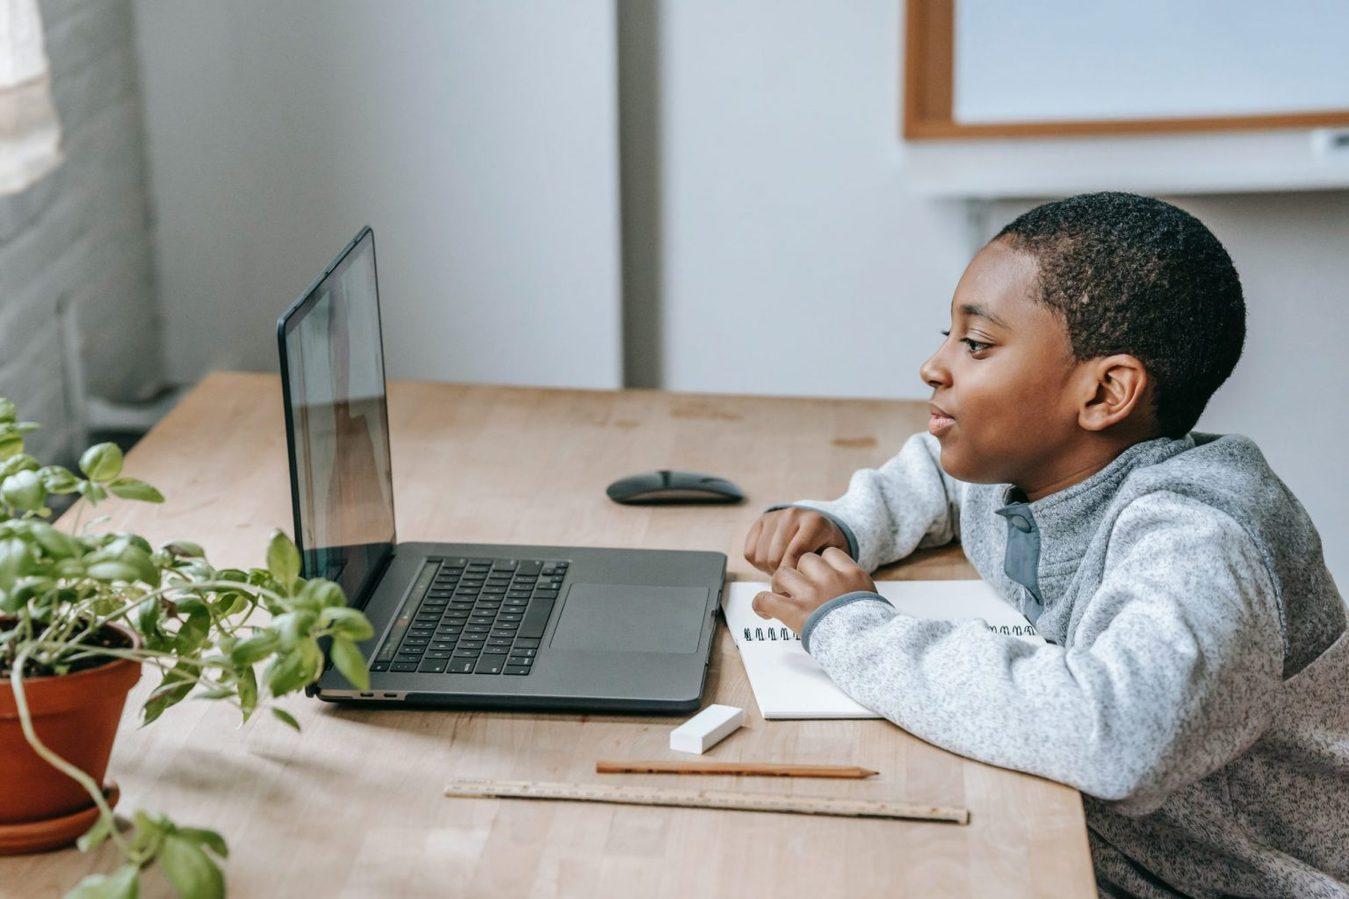 Scatto laterale di un ragazzo seduto davanti un laptop a una scrivania